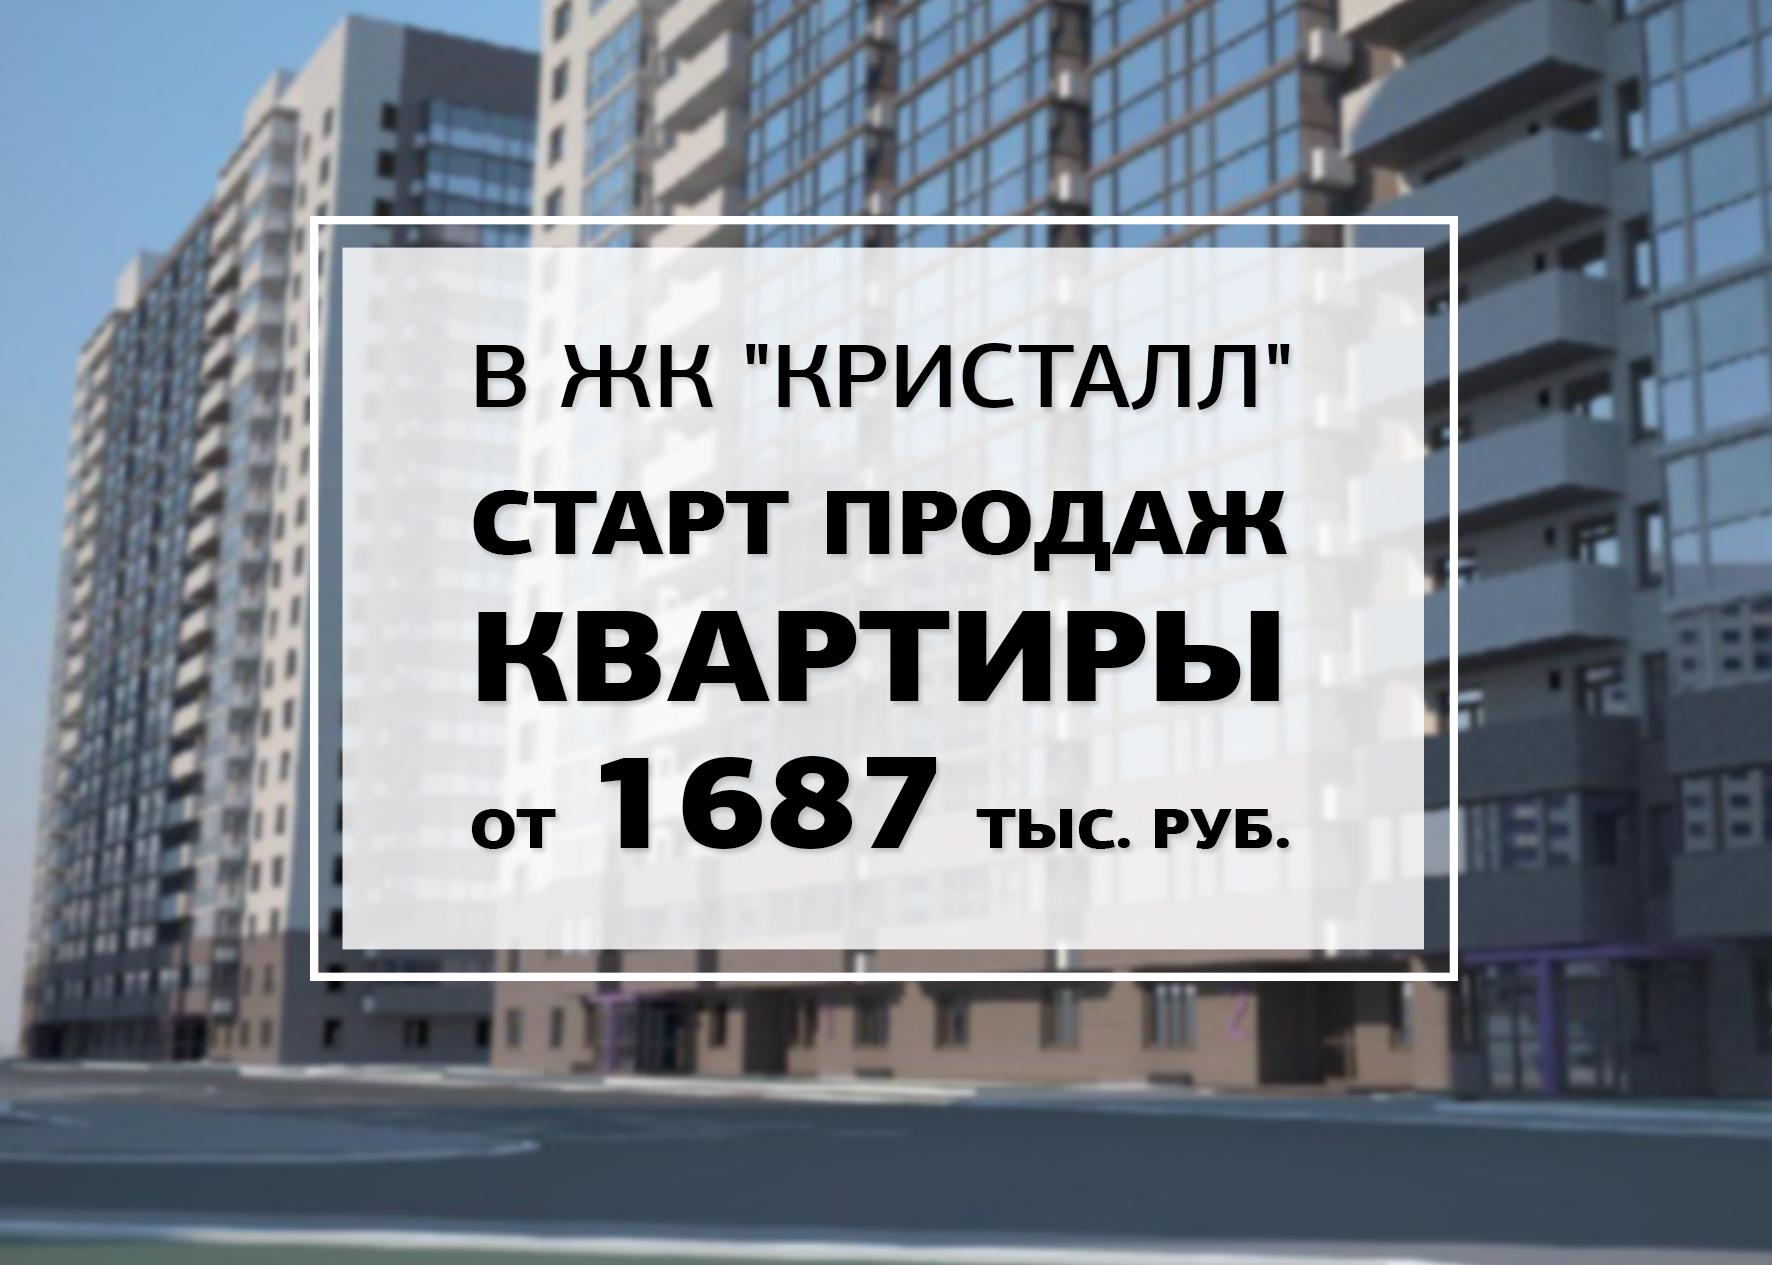 Старт продаж в ЖК «Кристалл». Квартиры от 1687 тыс. рублей